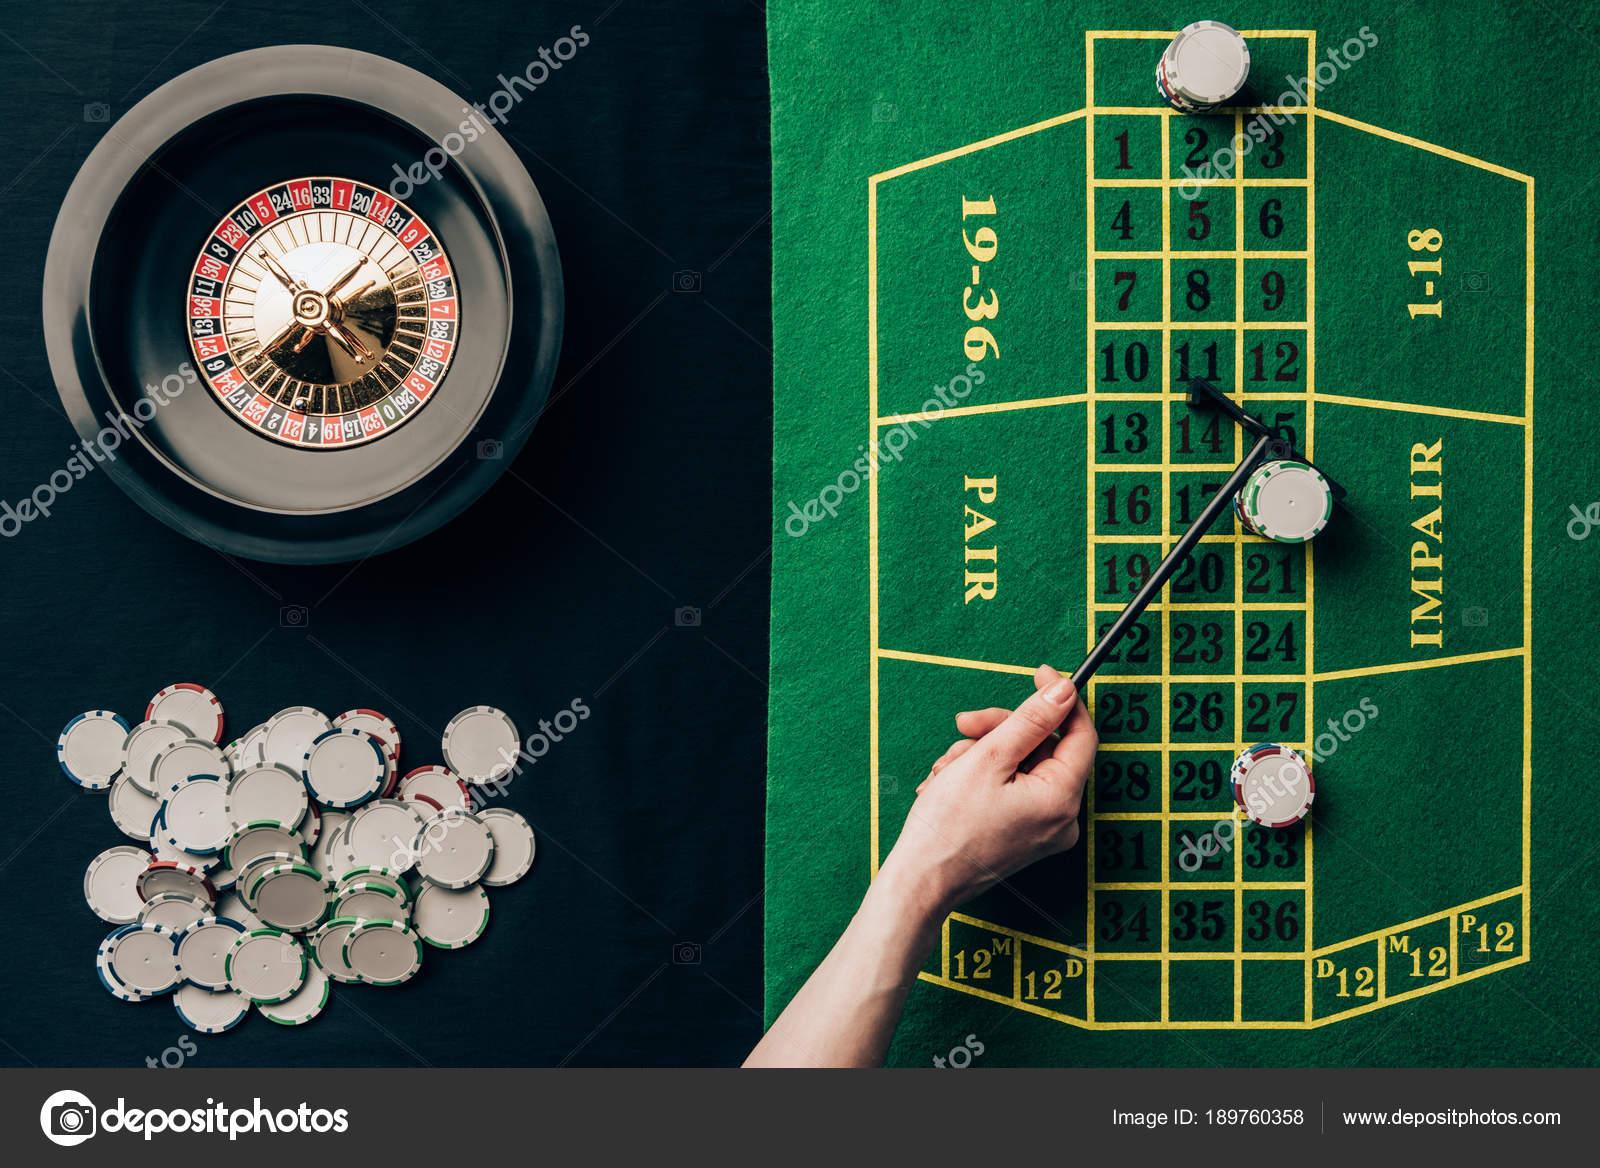 Haribo roulette inhaltsstoffe